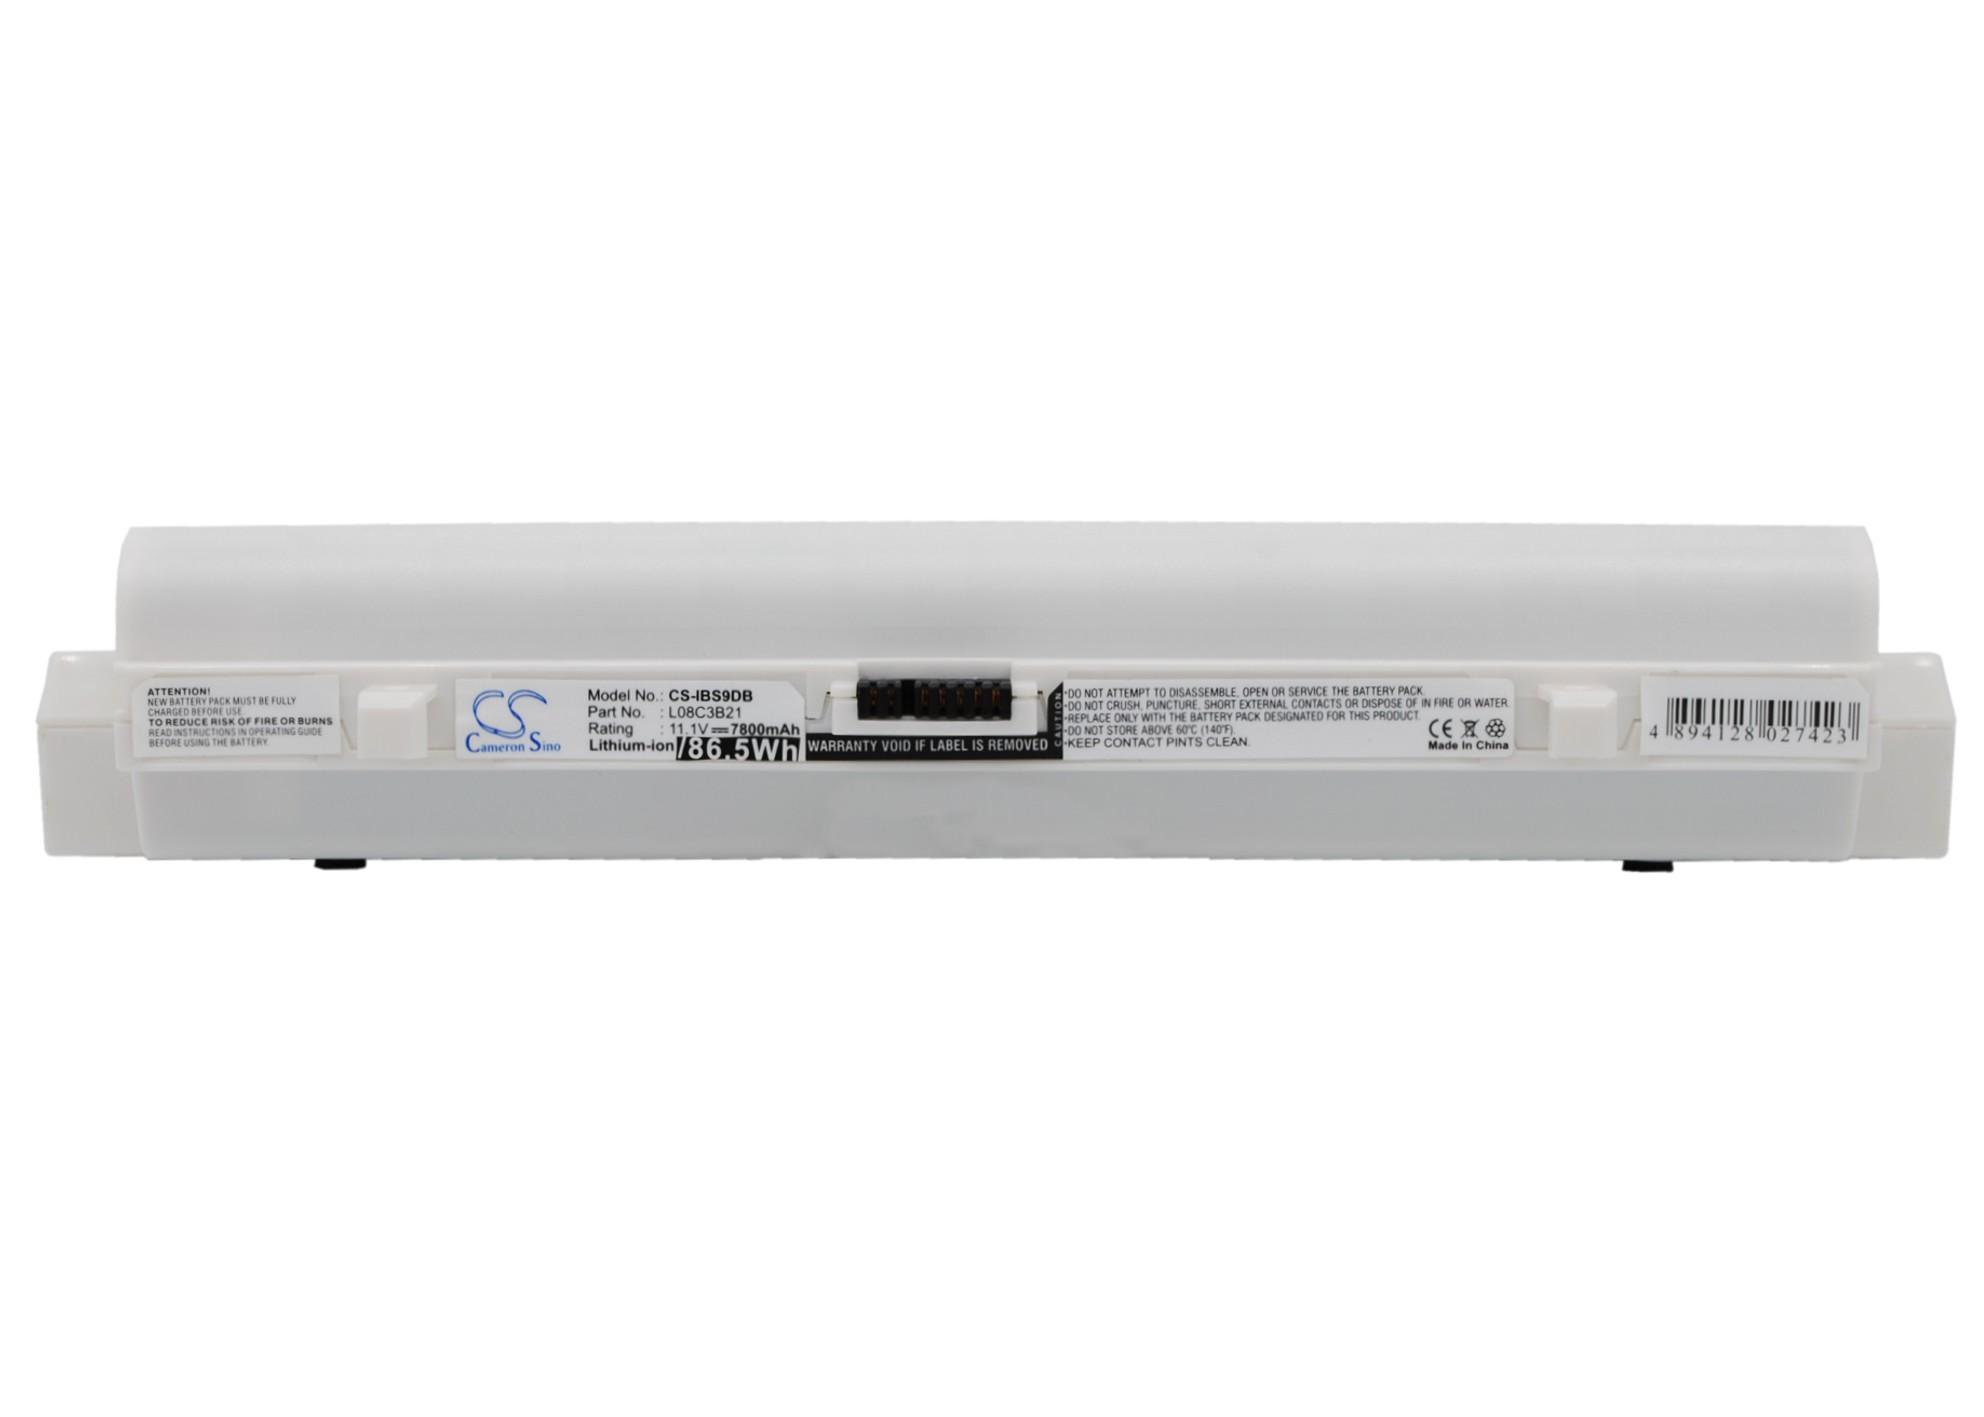 Cameron Sino baterie do notebooků pro LENOVO IdeaPad S10e 4068 11.1V Li-ion 7800mAh bílá - neoriginální